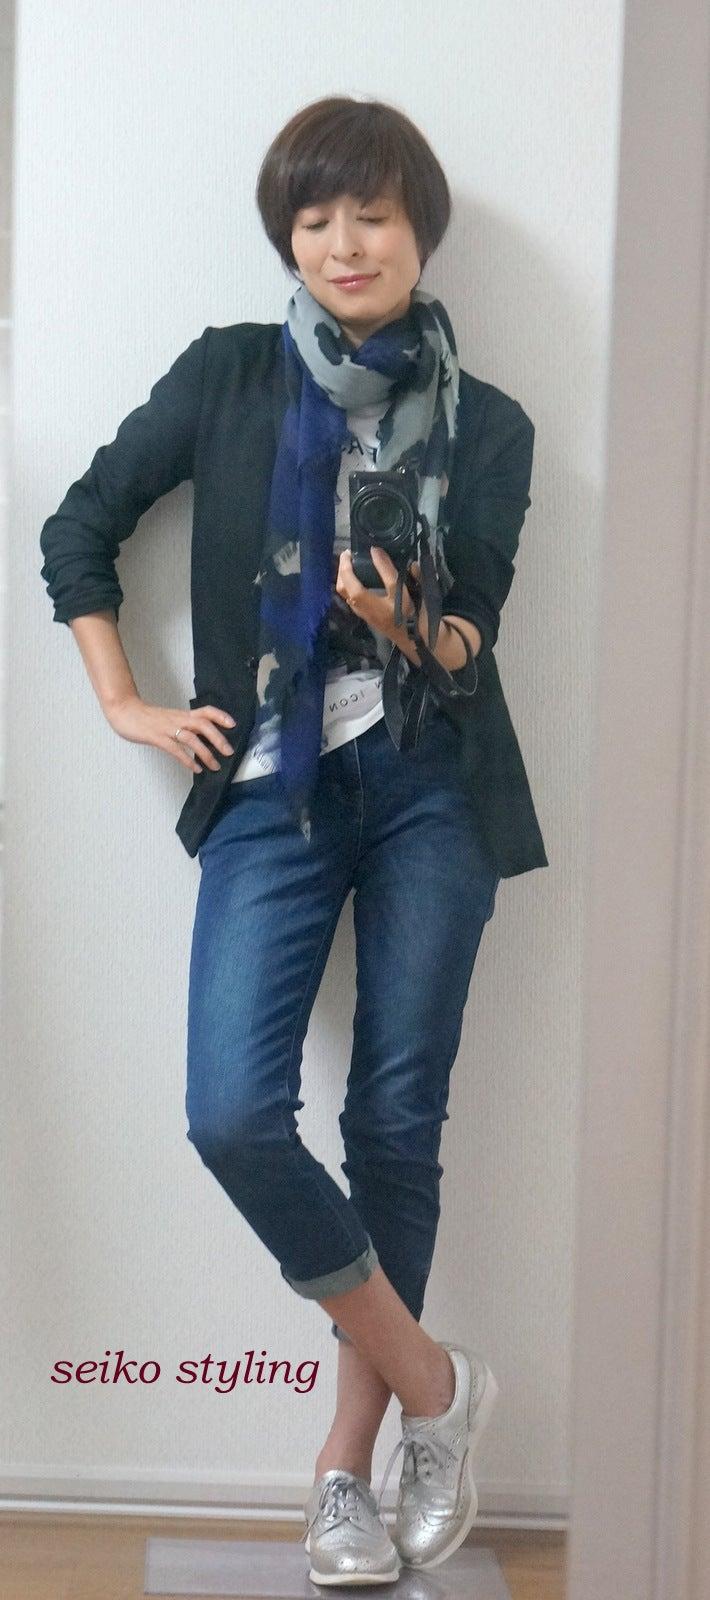 大人の女性はデニムもバージョンアップが必要です 服を変えれば、生き方が輝く!私がはじまるファッションコーデ